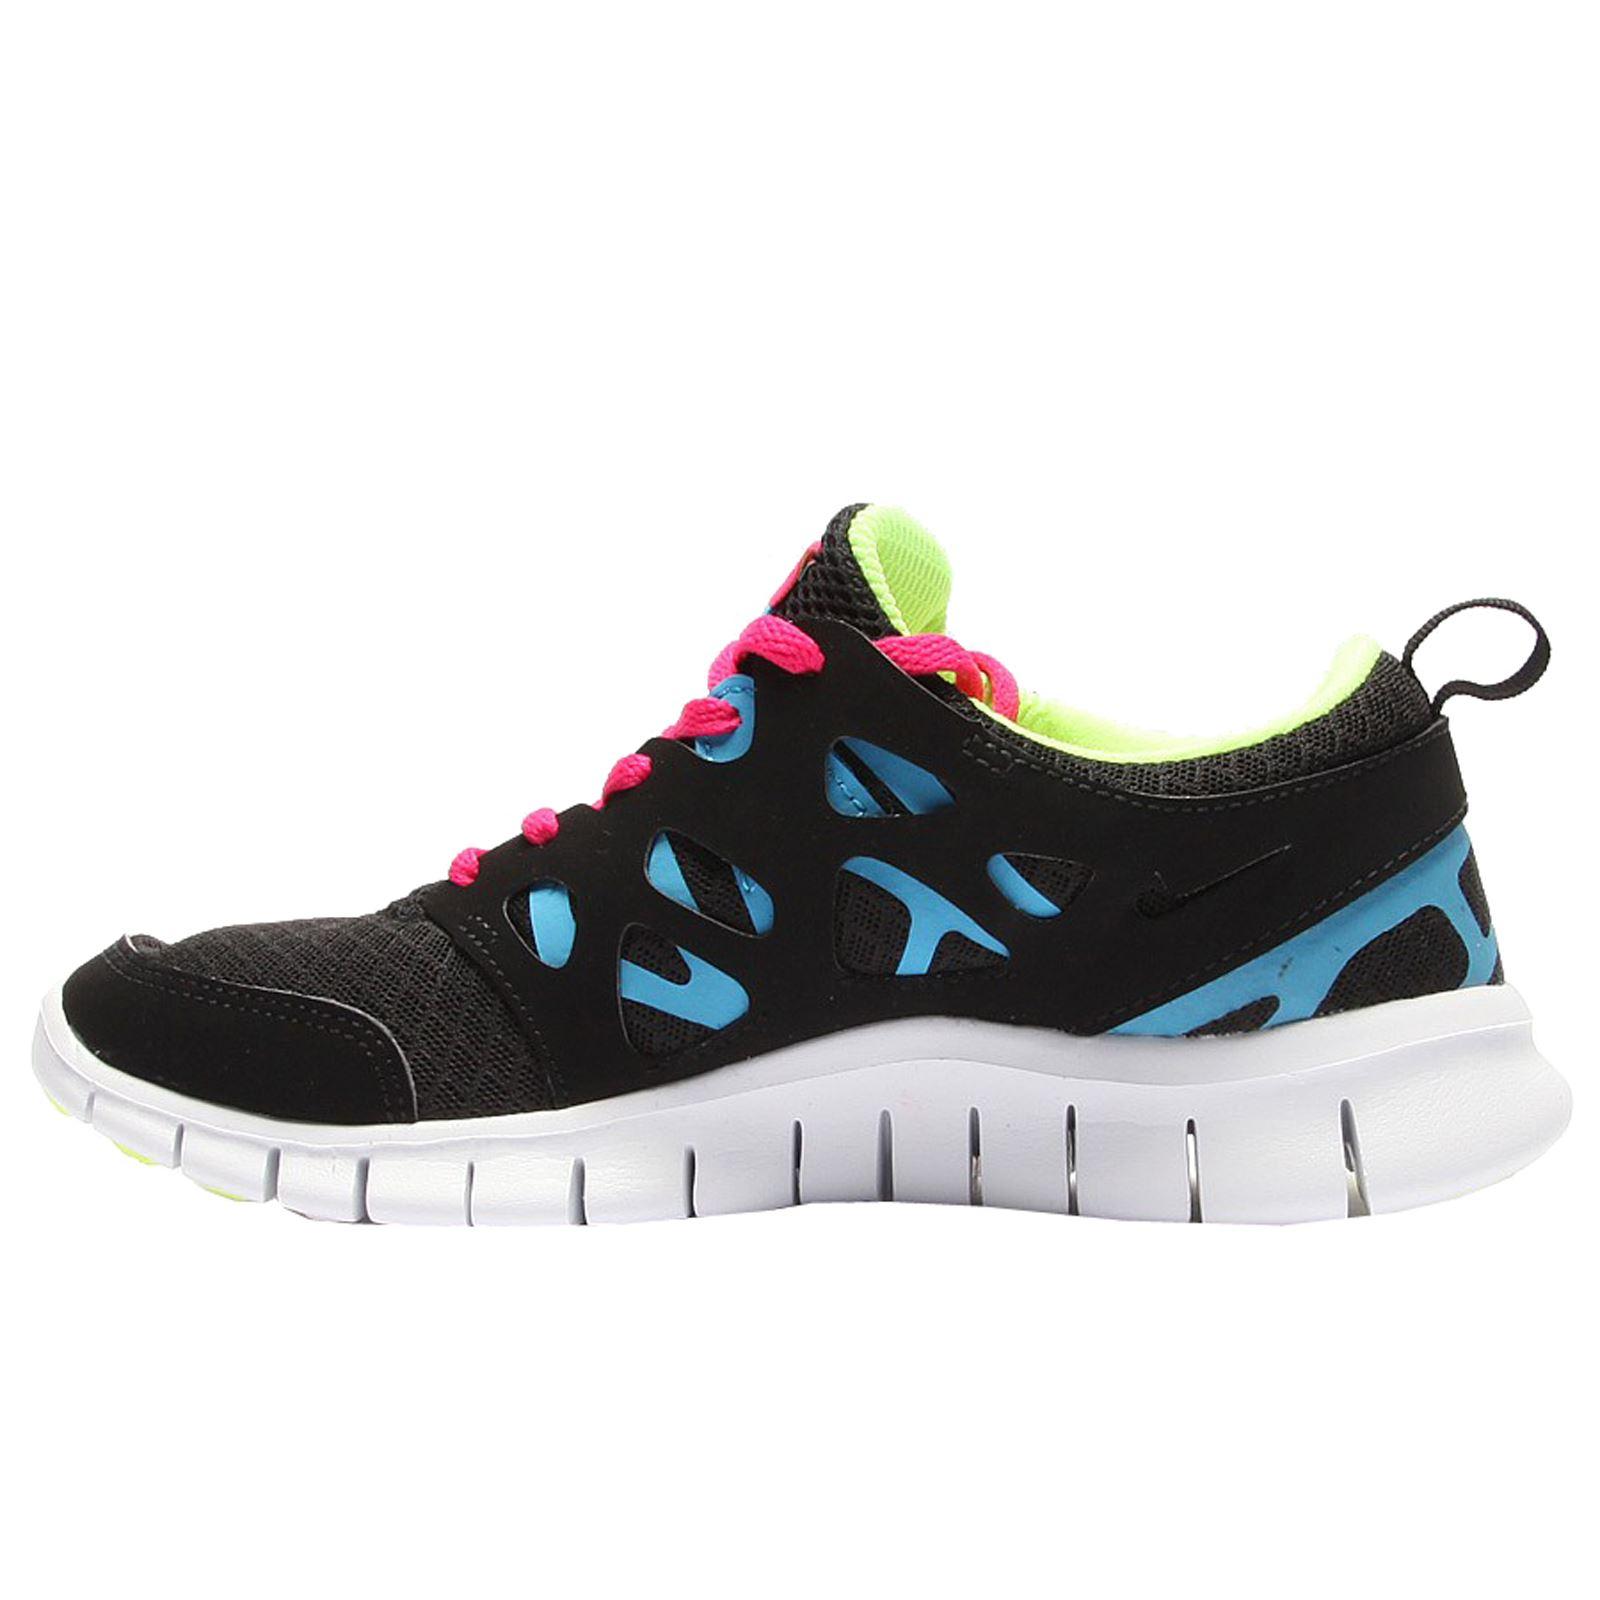 1c457e327 Ebay Nike Free Run Shoes Kids Girls